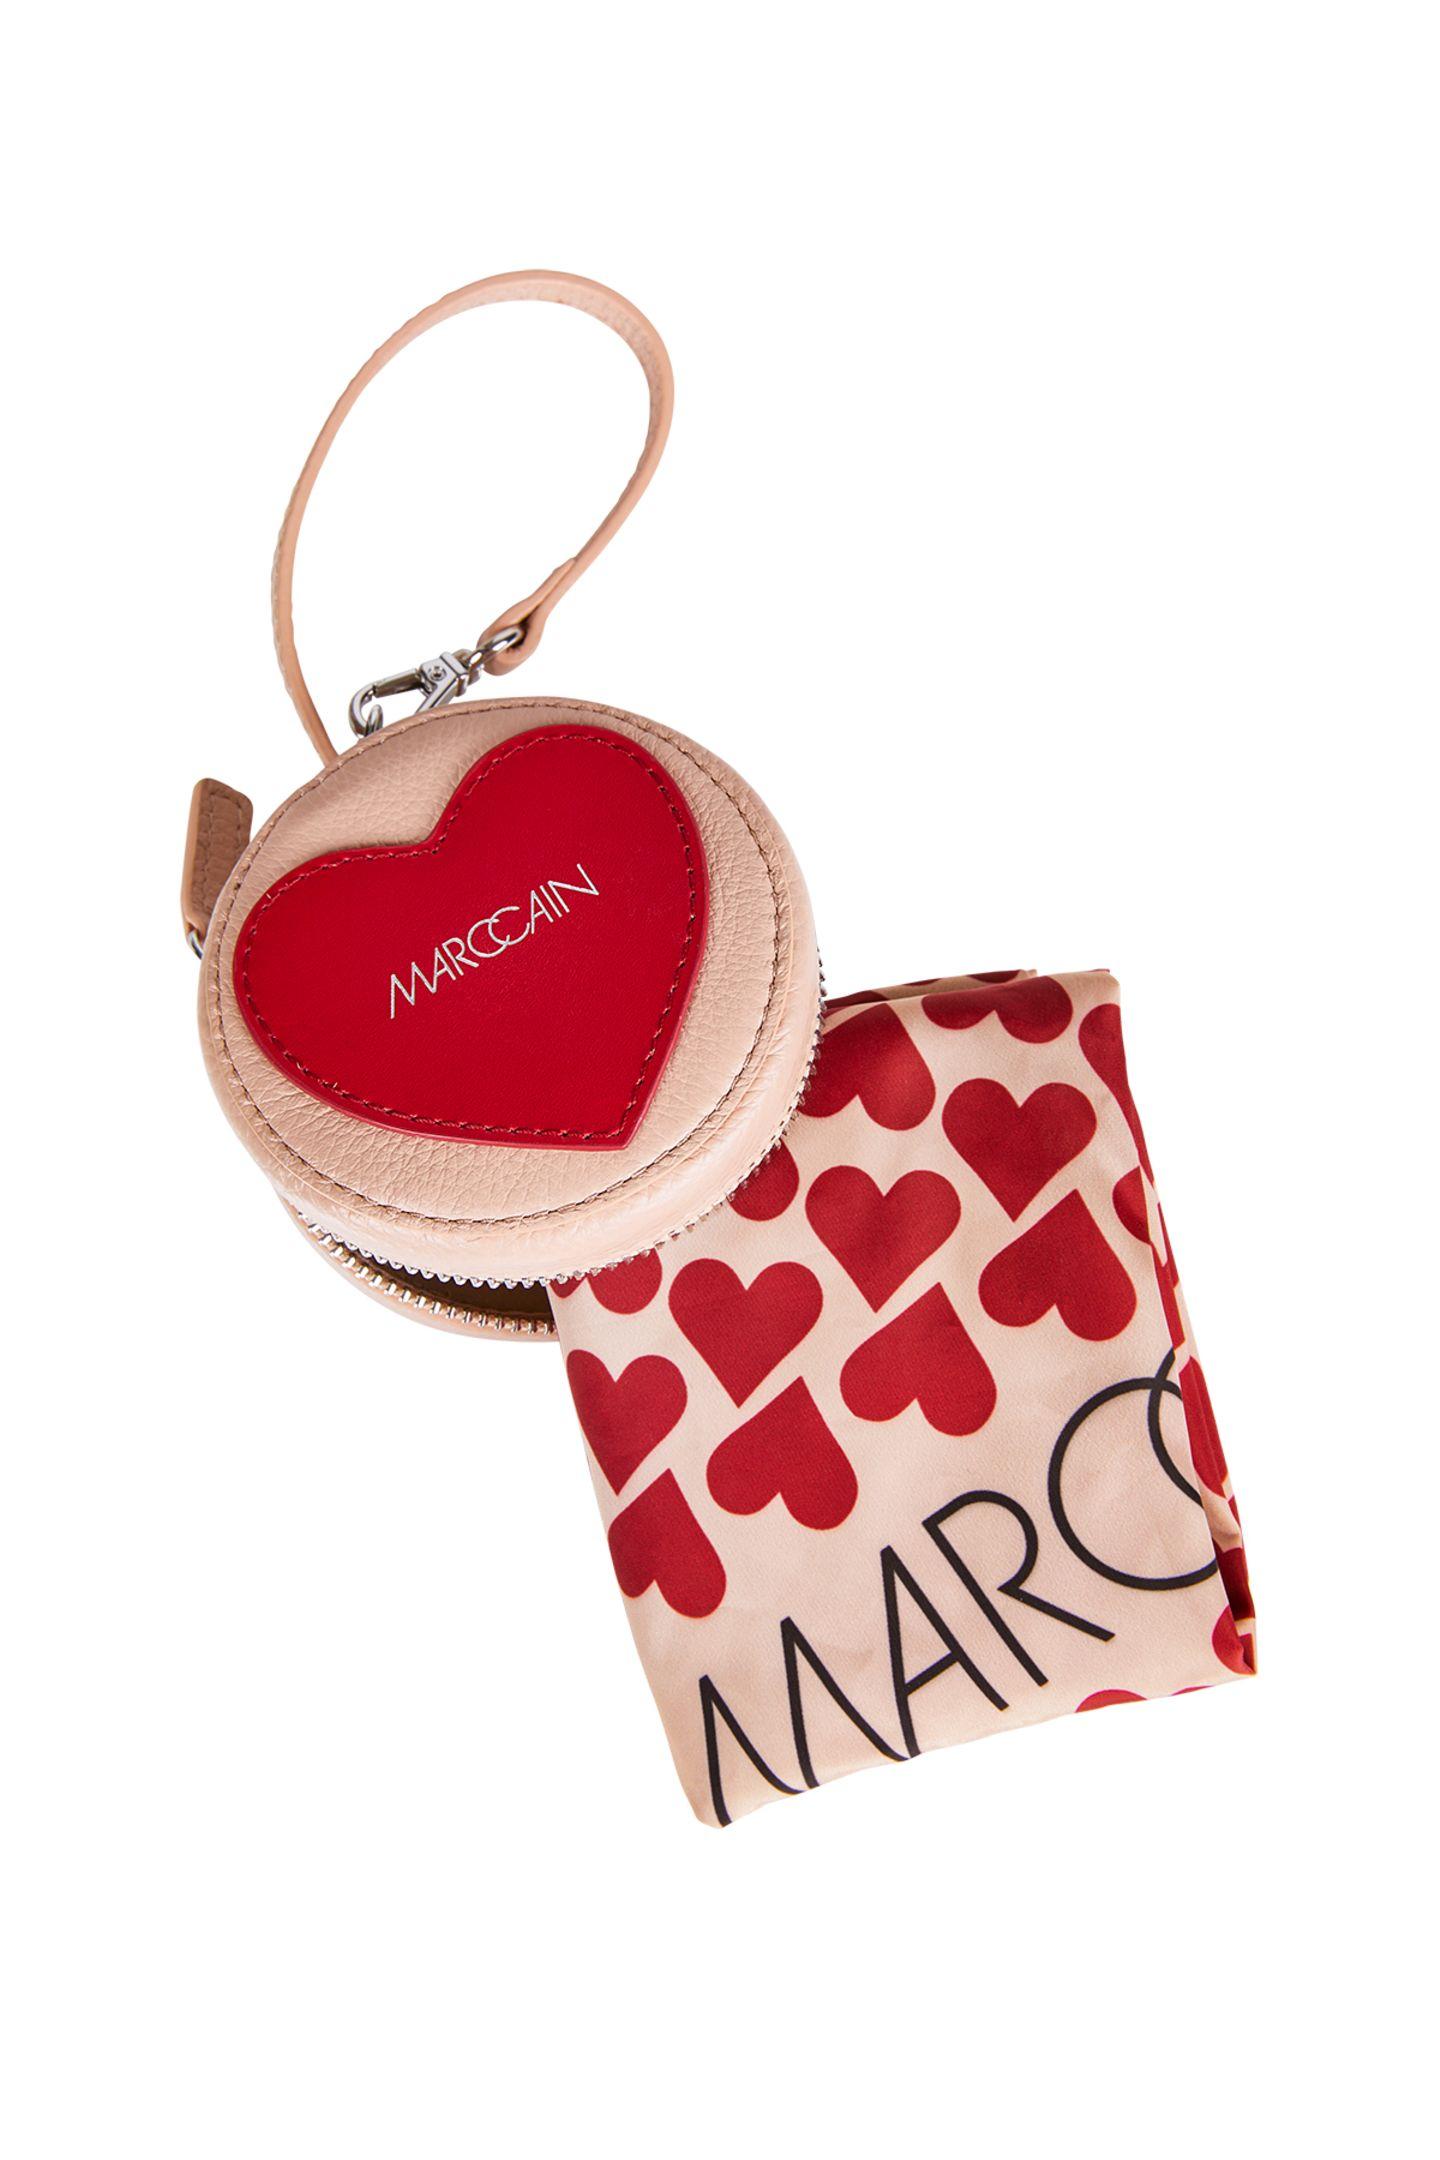 """Gutes tun: Die """"Help Bag"""" von Marc Cain aus geprägtem Leder ist nicht nur das perfekte Präsent zum Muttertag, sondern unterstützt auch noch einen guten Zweck. Die limitierte Tasche kommt in runder Form ineinem Beigeton mit rotem Herz daher. In der Tasche befindet sich eine praktischeNylon-Einkaufs-Tasche. 50 Prozent des Nettogewinns spendet Marc Cain an Plan International, eine der weltweit größten Hilfsorganisationen, die sich für Kinder und die Gleichstellung der Geschlechter einsetzt. Ca. 50 Euro."""